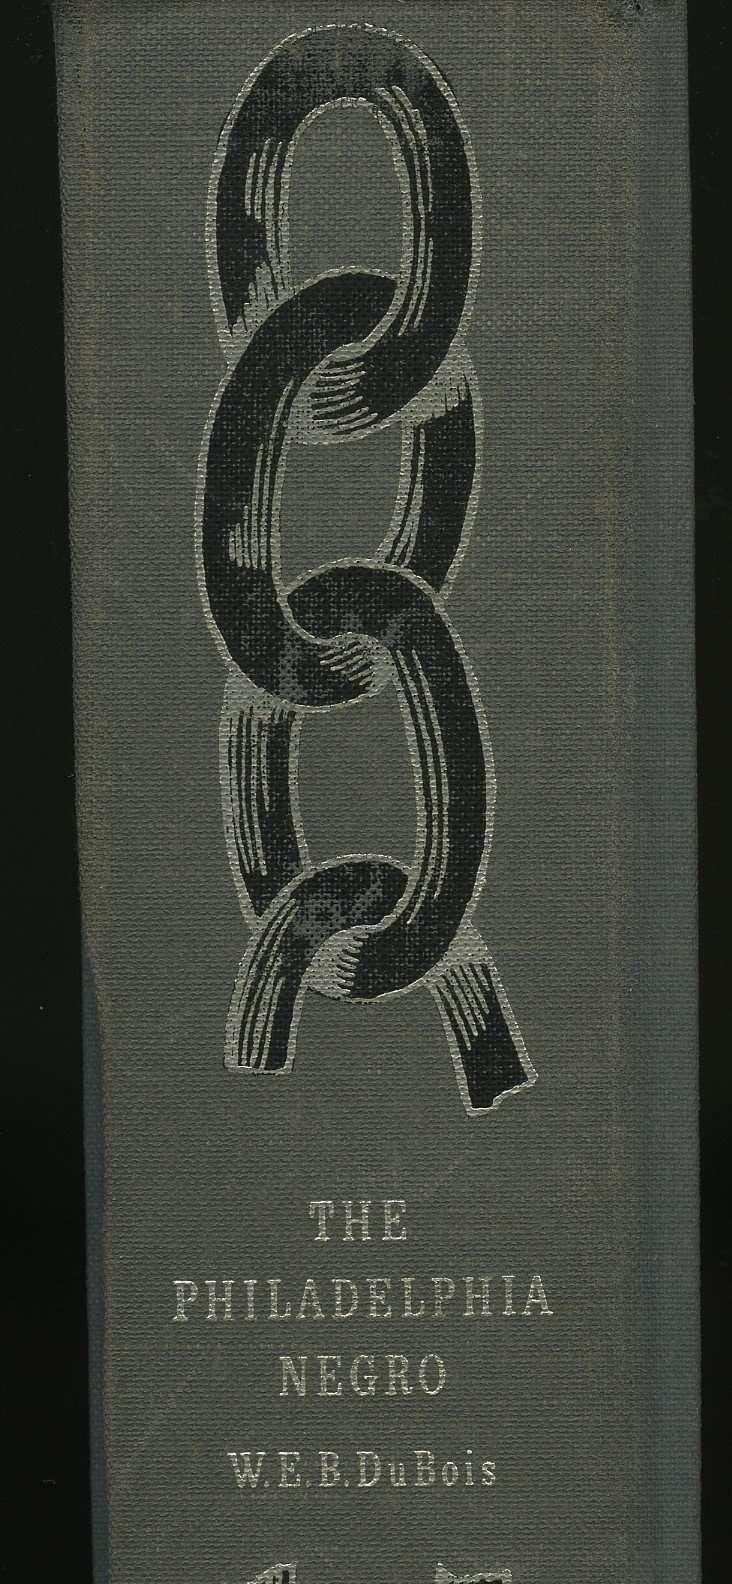 Book Spine of The Philadelphia Negro